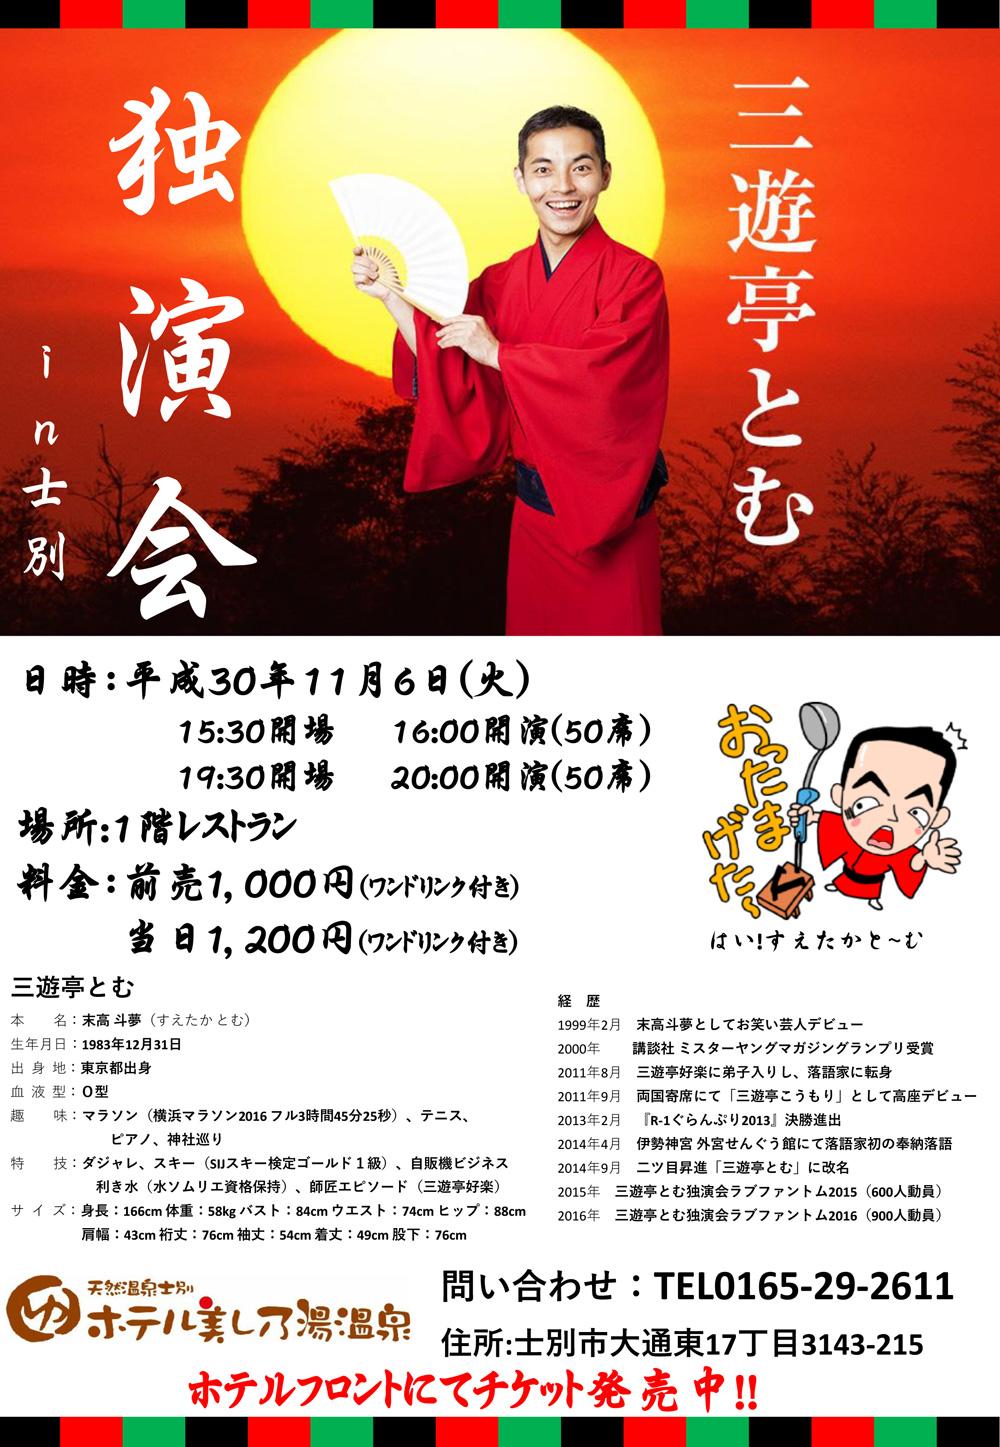 三遊亭とむ 独演会in士別 のお知らせ